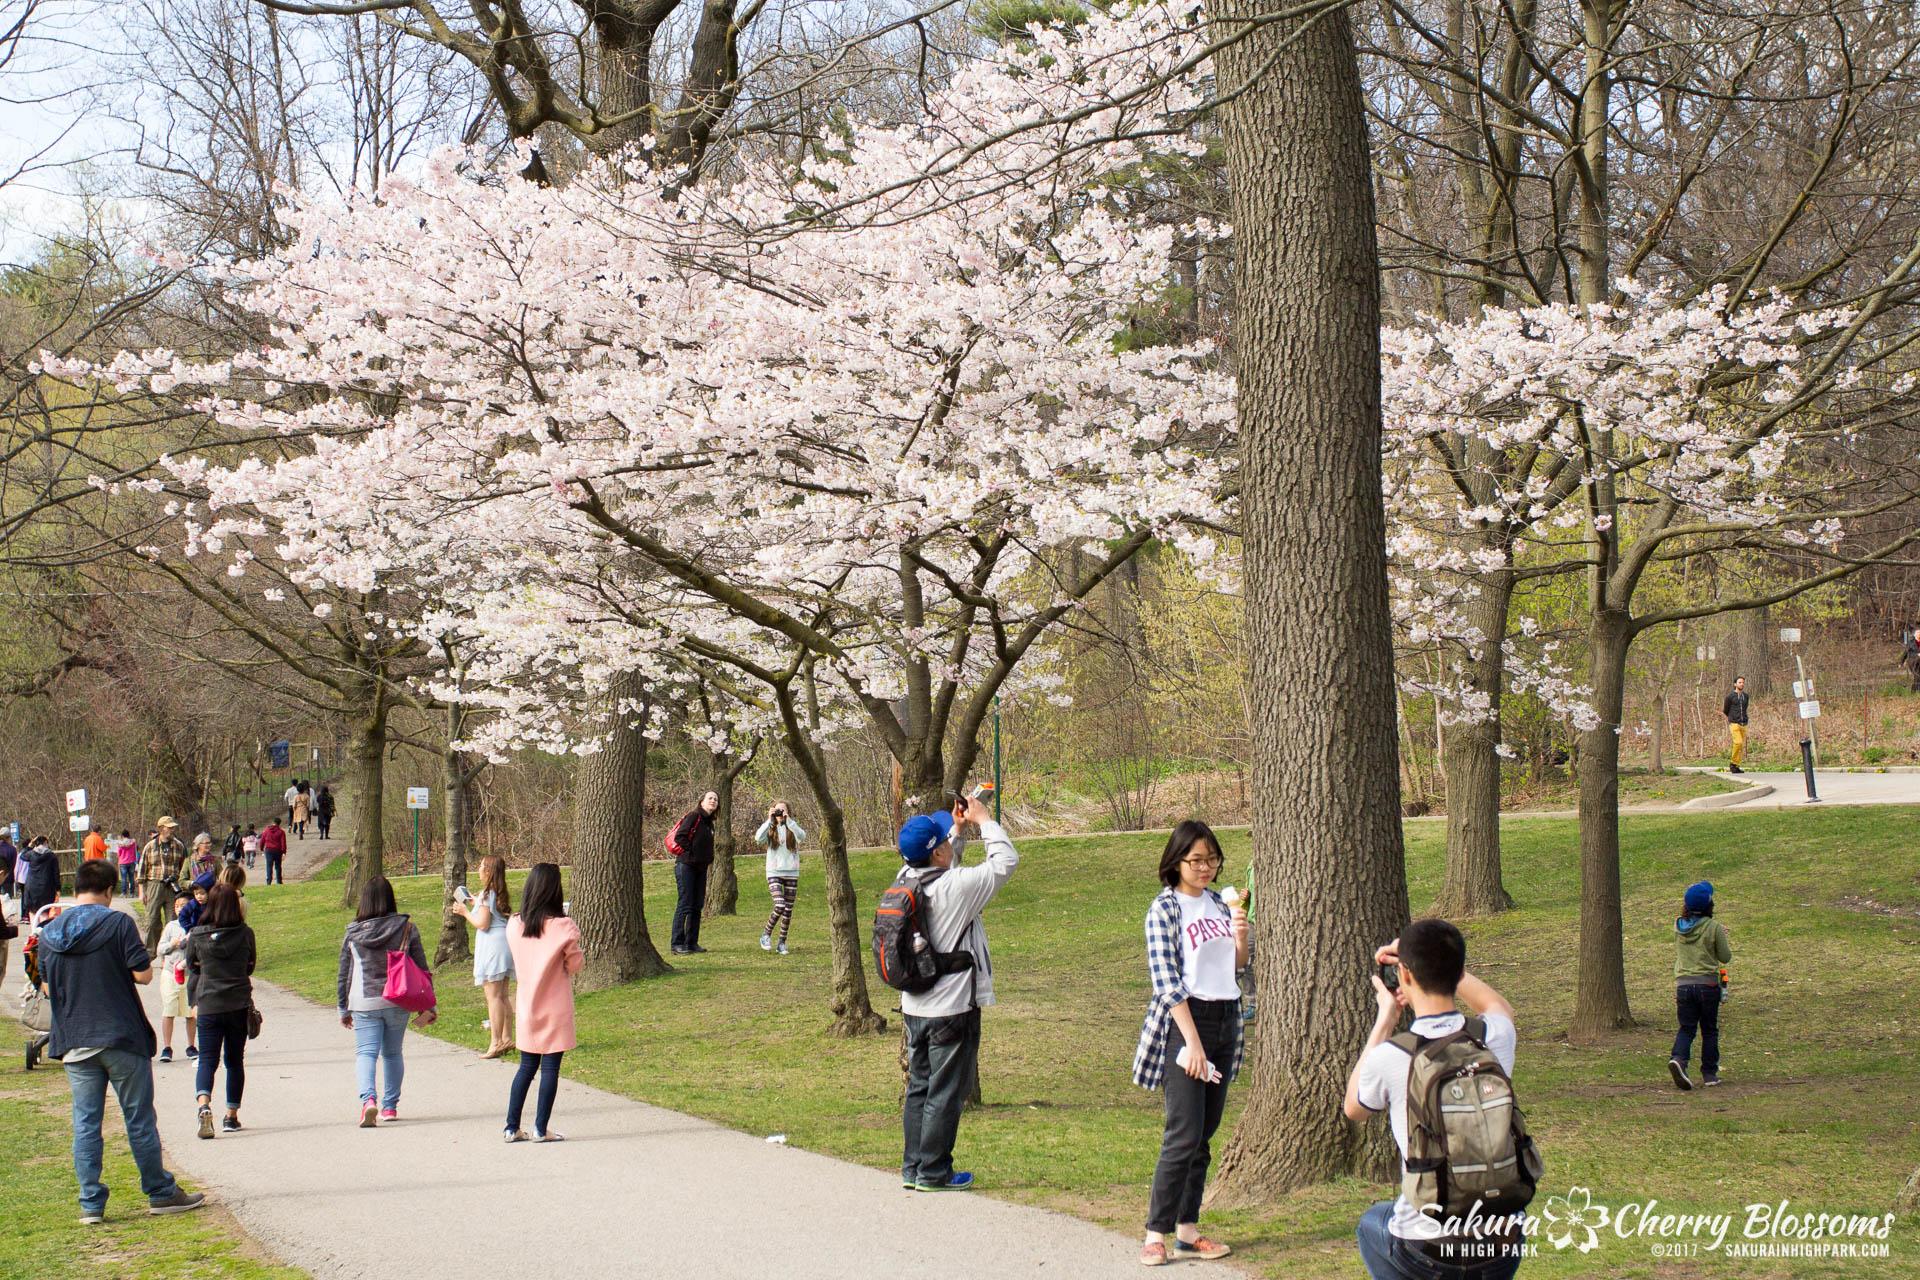 Sakura-Watch-April-28-2017-full-bloom-throughout-High-Park-5920.jpg